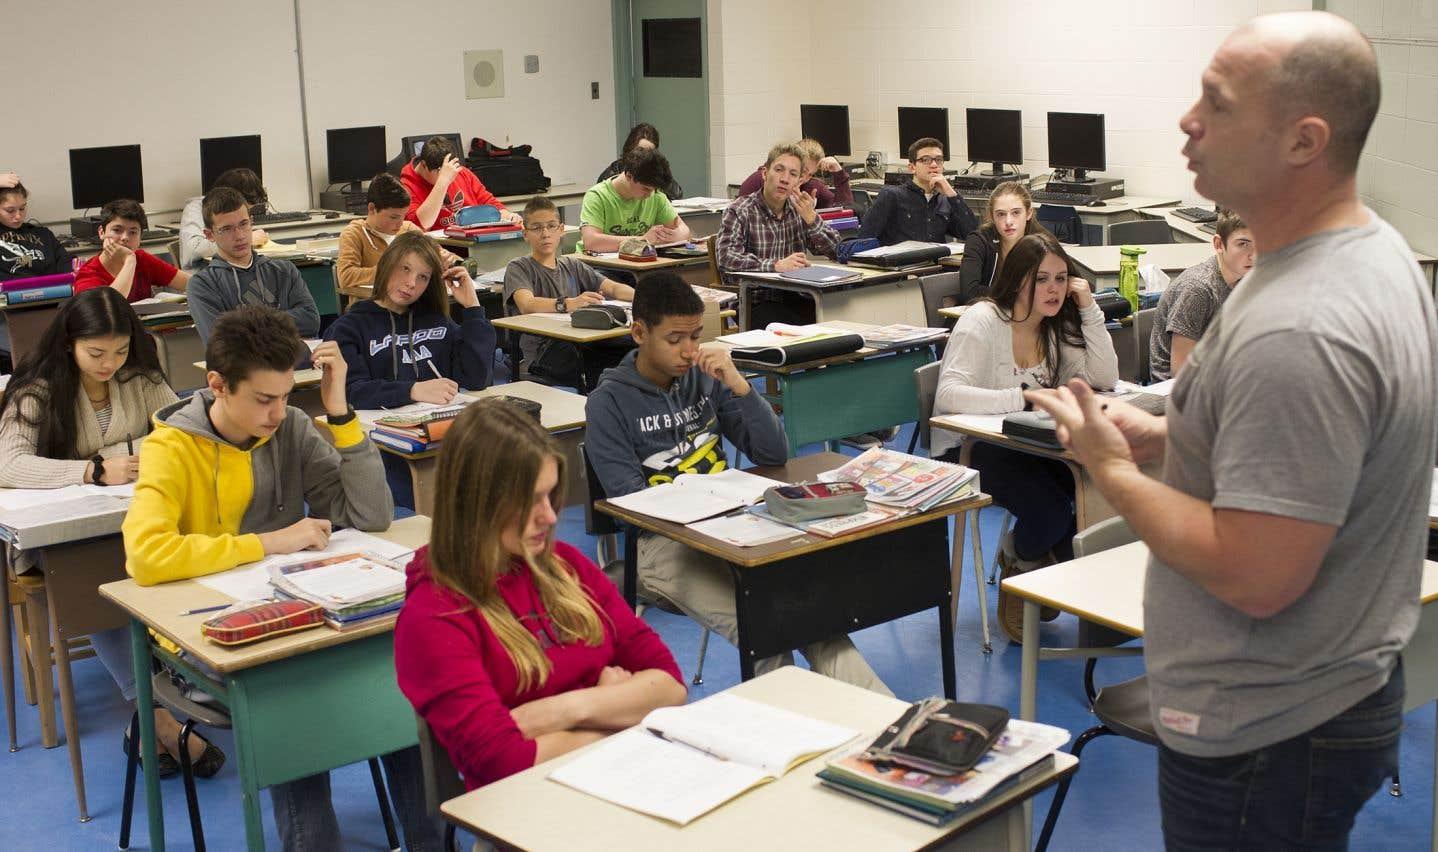 La pénurie de professeurs risque de s'aggraver